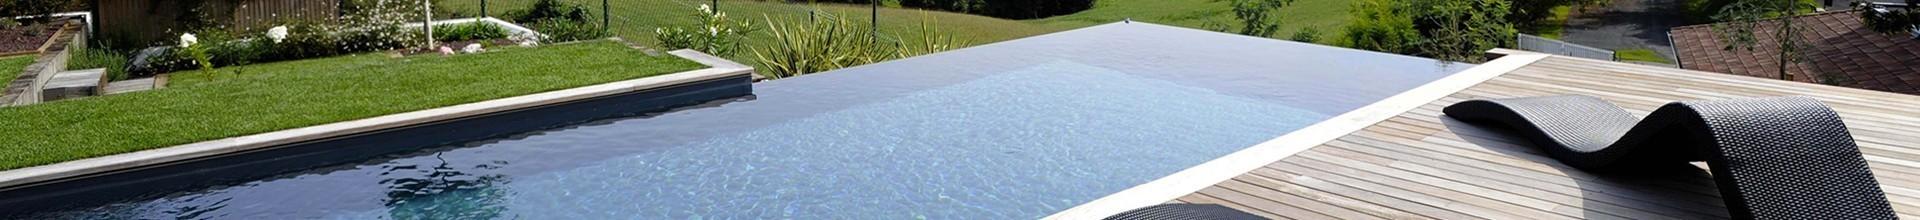 Direct usine, piscine coque prix Vosges